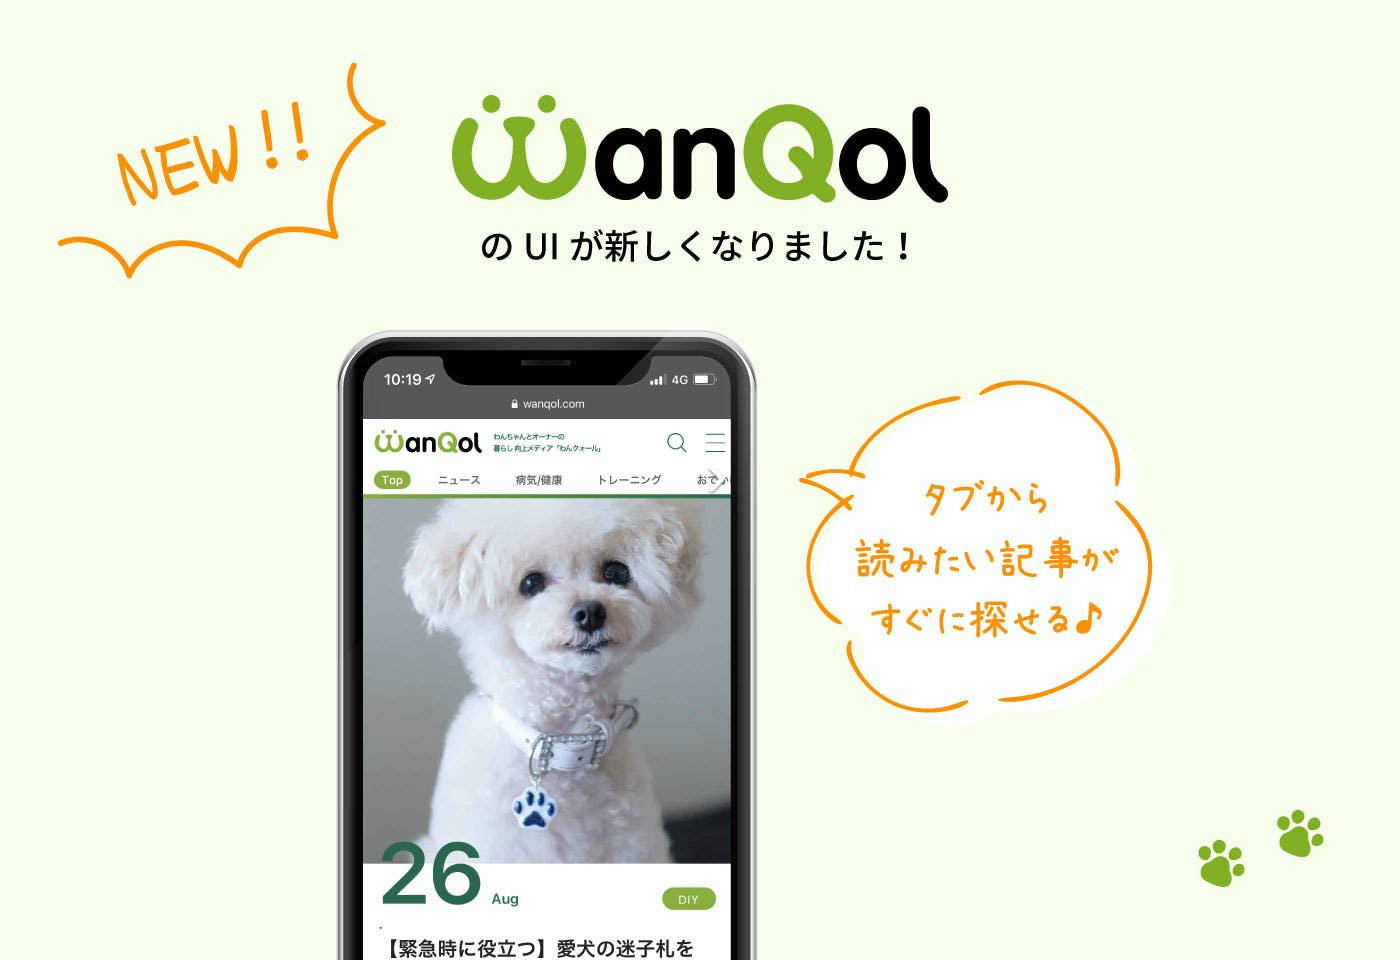 WanQolのUIが新しくなりました!ブラウザの閲覧情報(キャッシュ/Cookie)をクリアしてください